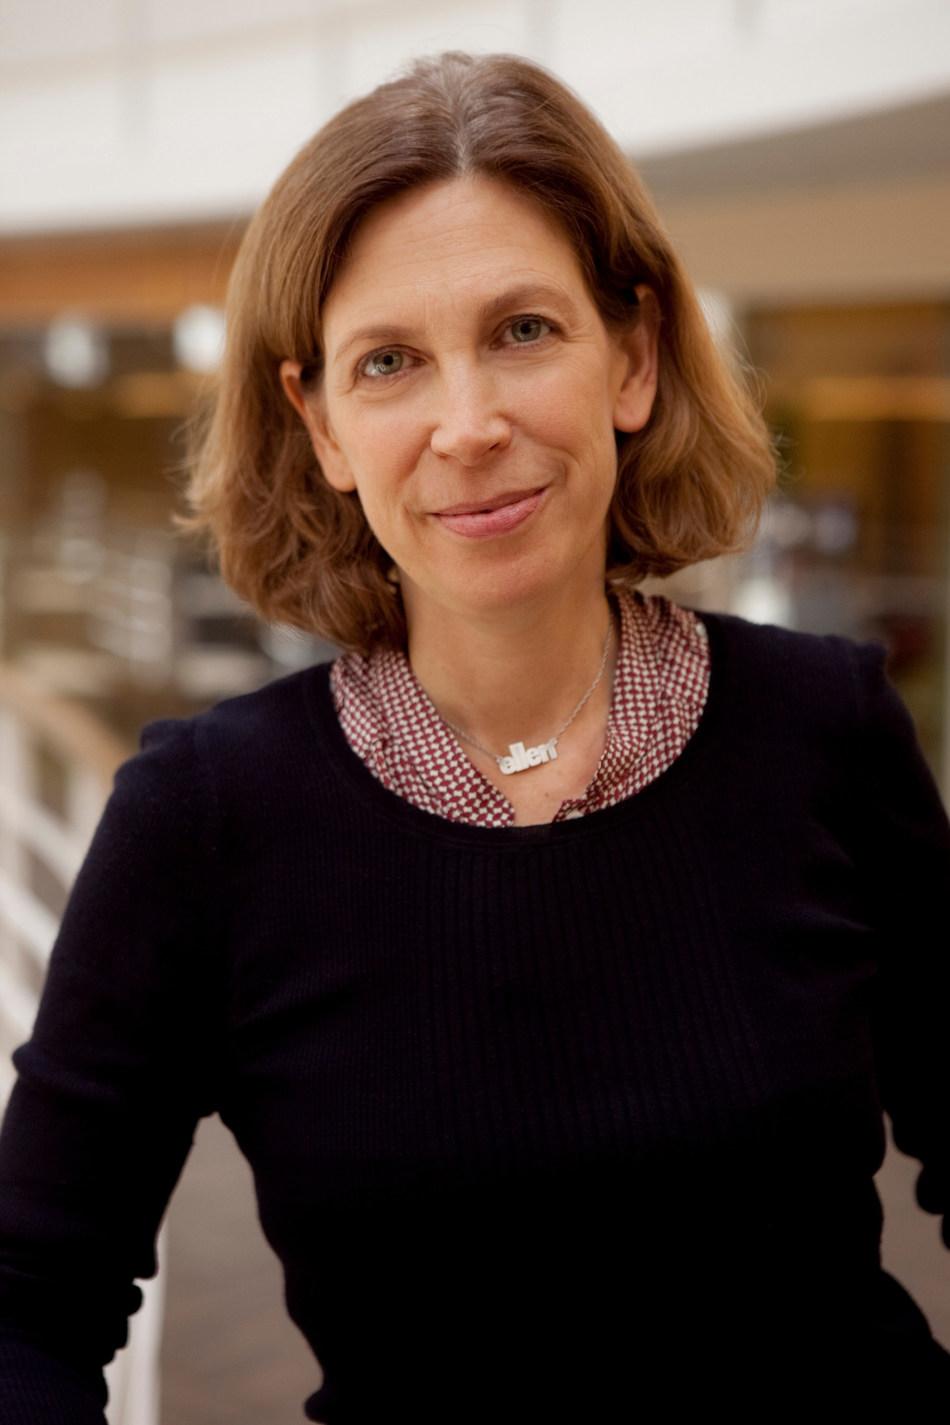 Ellen Pack, President of Common Sense